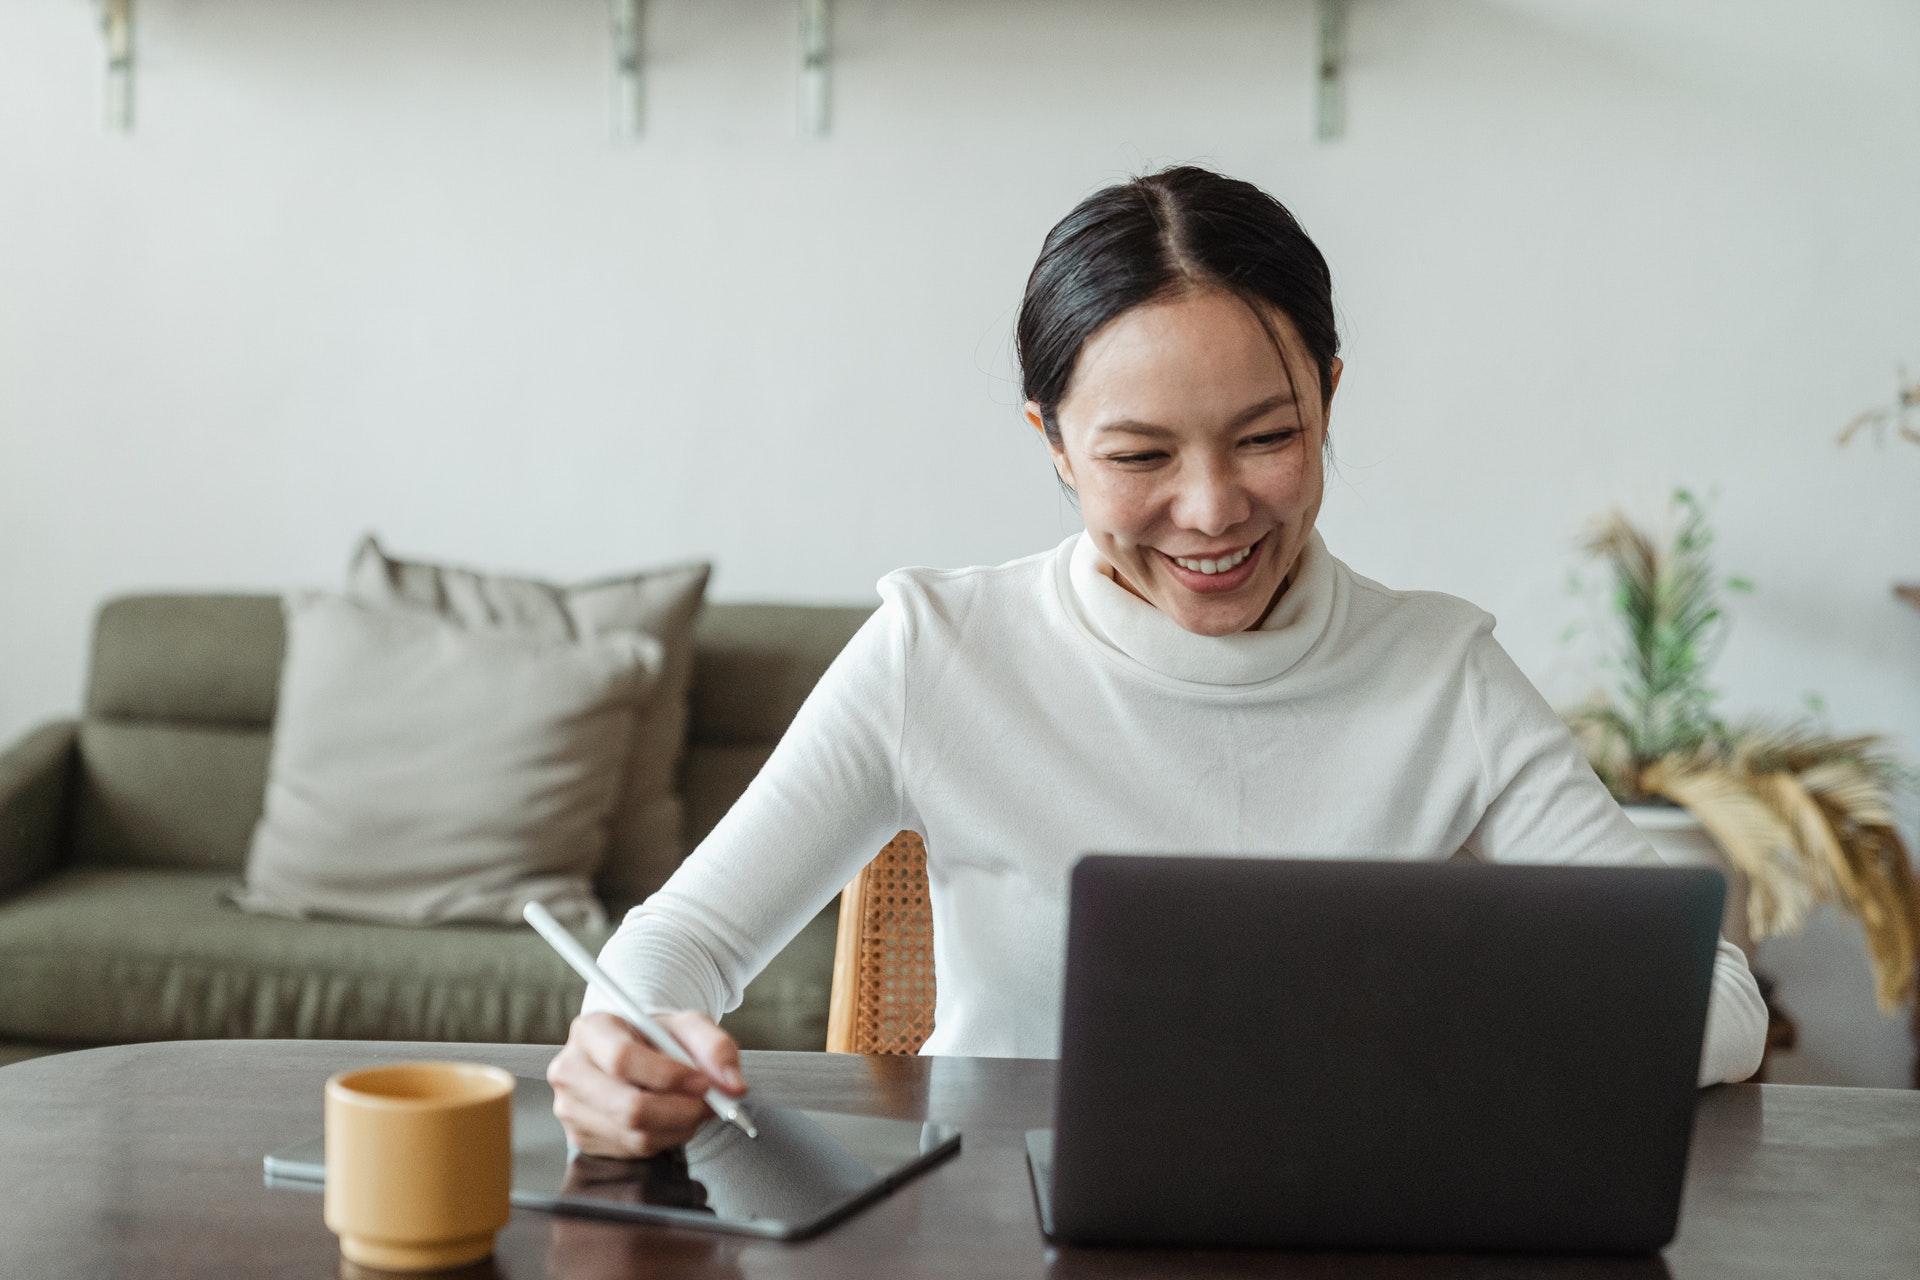 Imagem de uma mulher olhando para o computador e sorrindo. Imagem ilustrativa texto melhores franquias para investir.